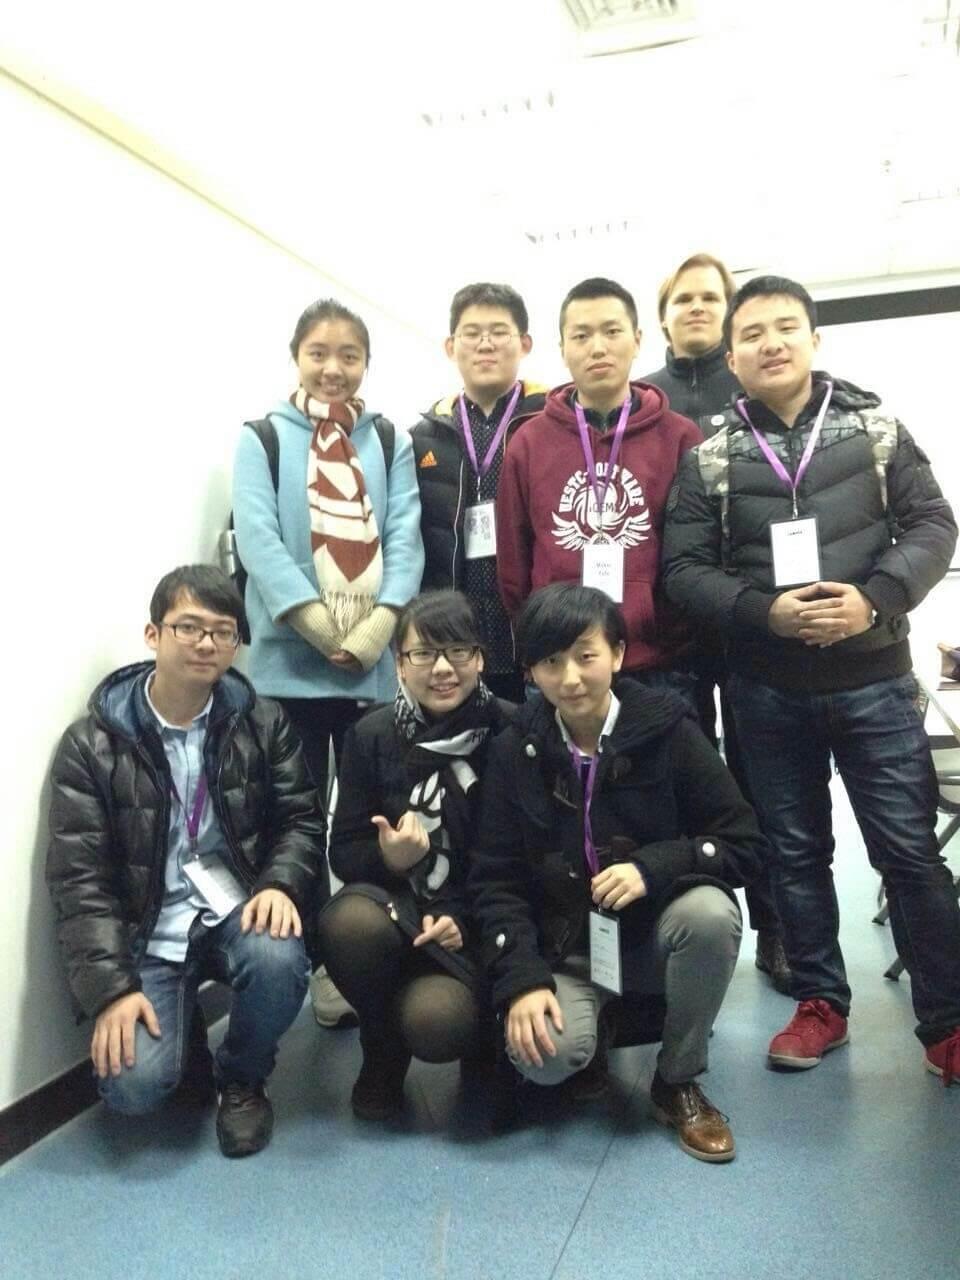 make cafe team photo